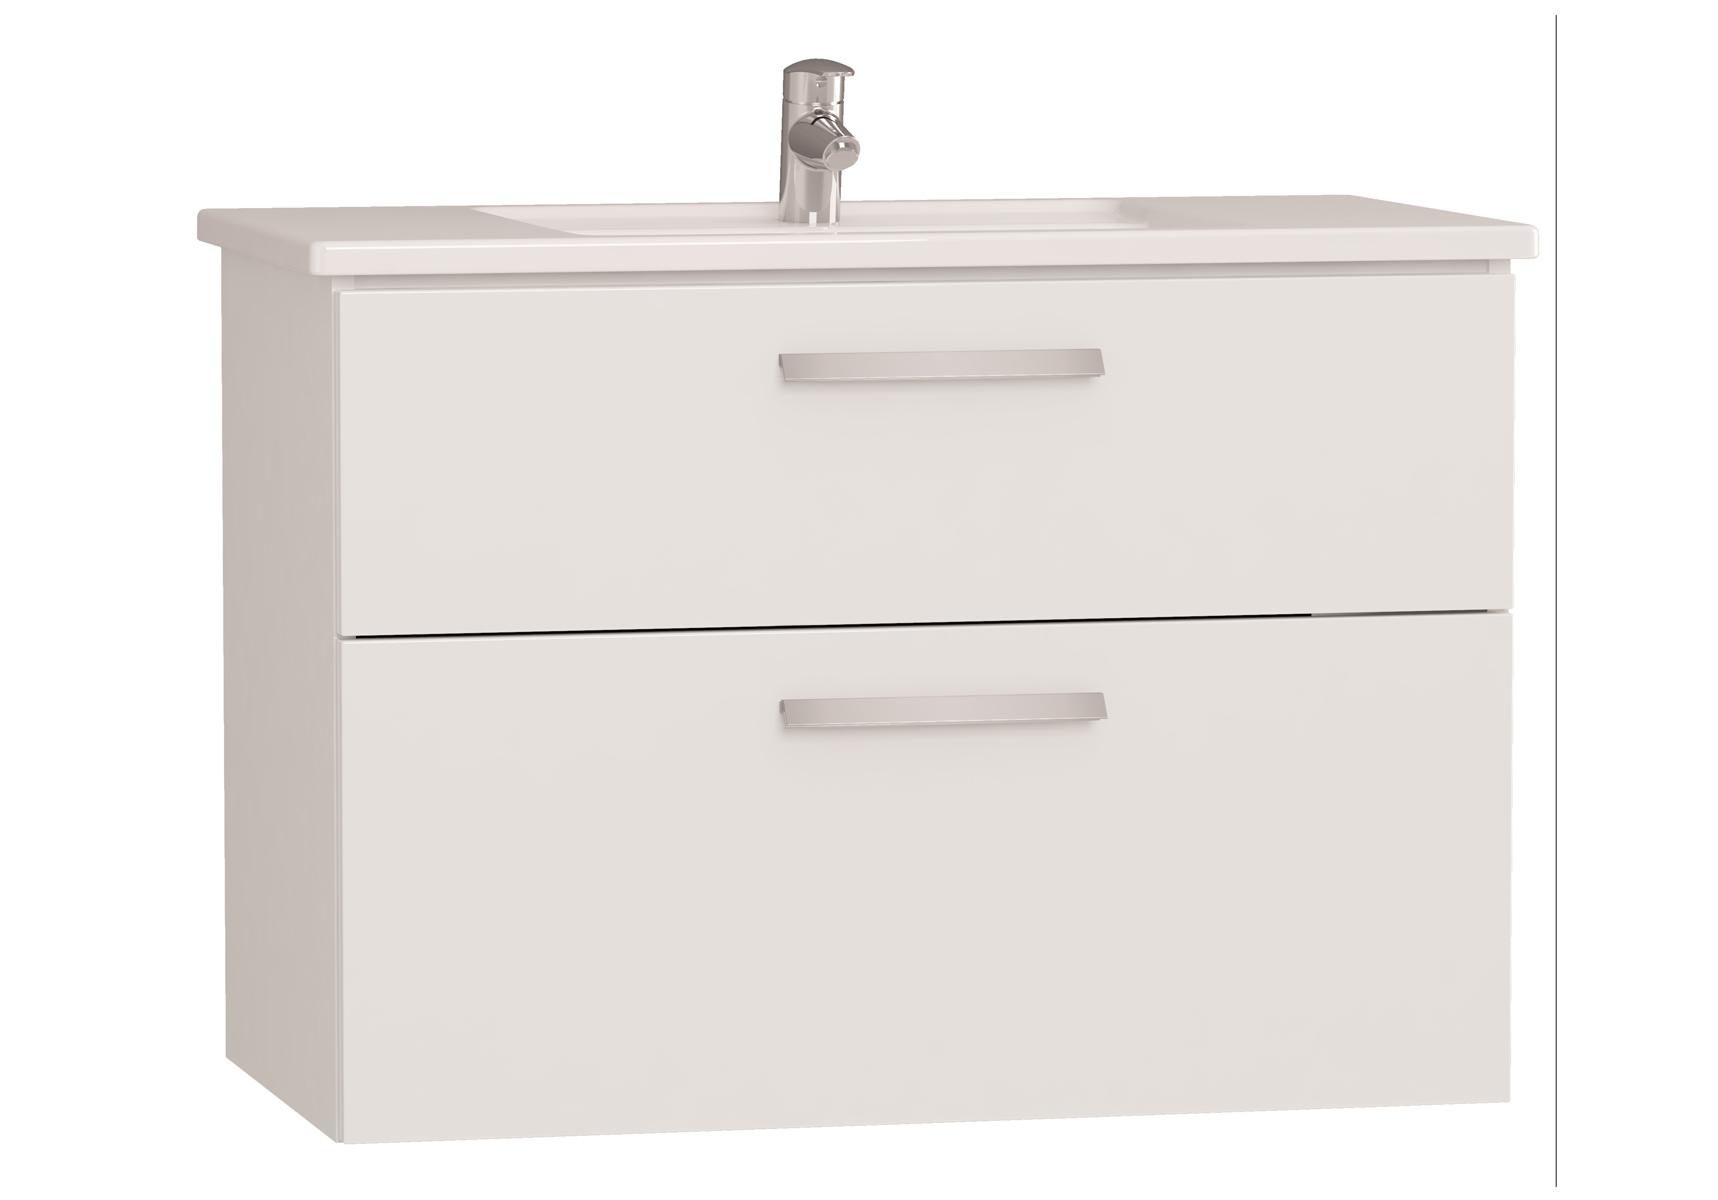 Integra meuble avec plan céramique avec deux tiroirs, 90 cm, blanc haute brillance